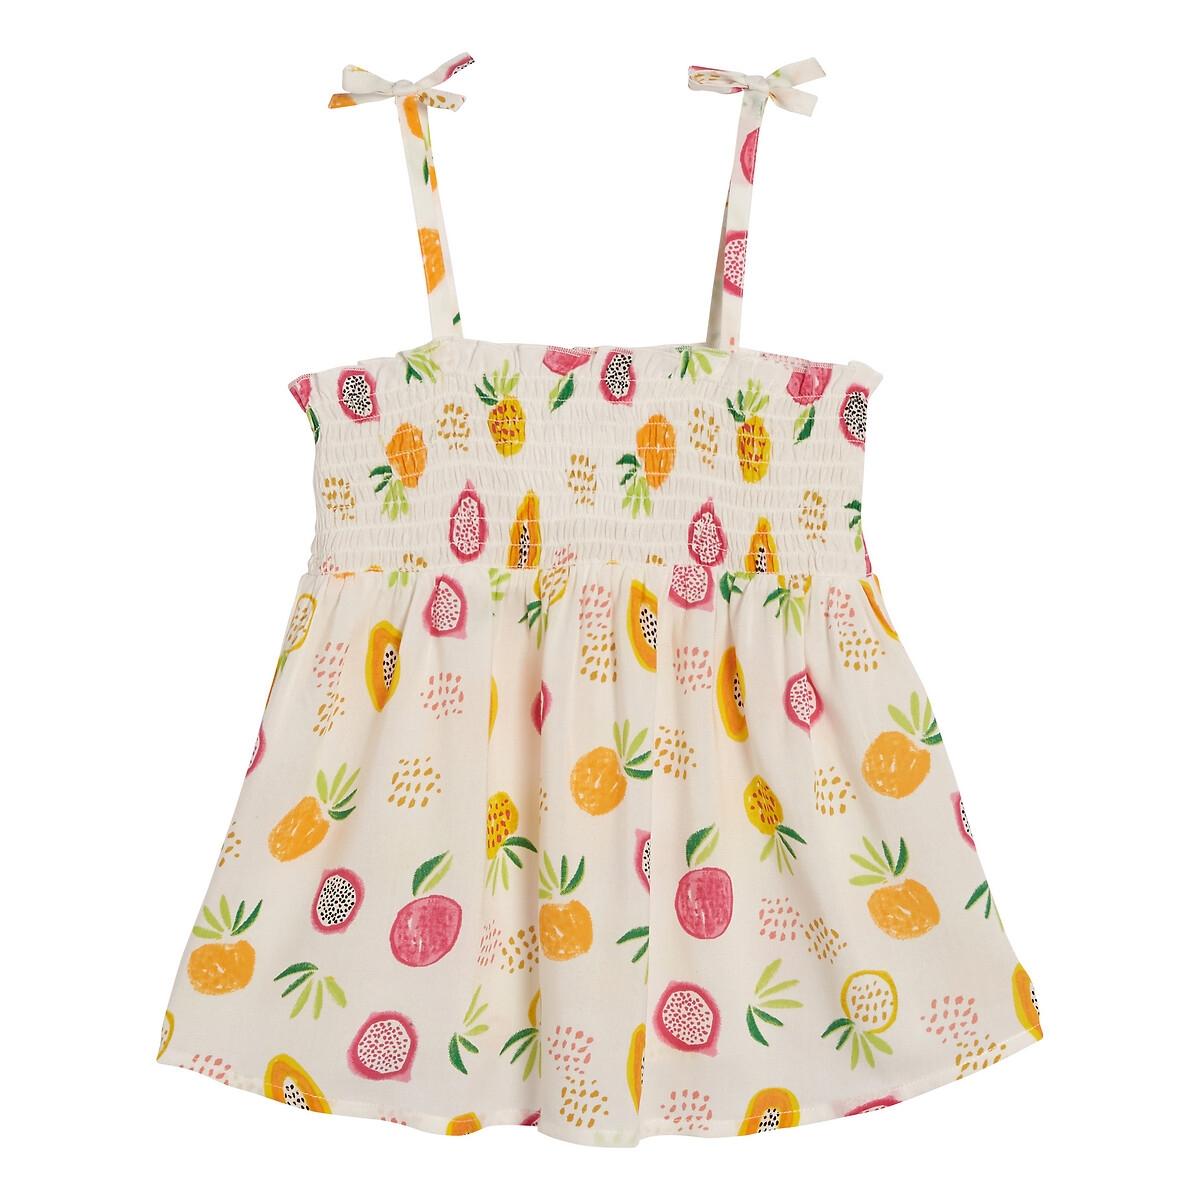 Блузка LaRedoute На тонких бретелях с принтом 3-12 лет 12 другие платье la redoute расклешенное на тонких бретелях с рисунком 3 12 лет 8 лет 126 см розовый